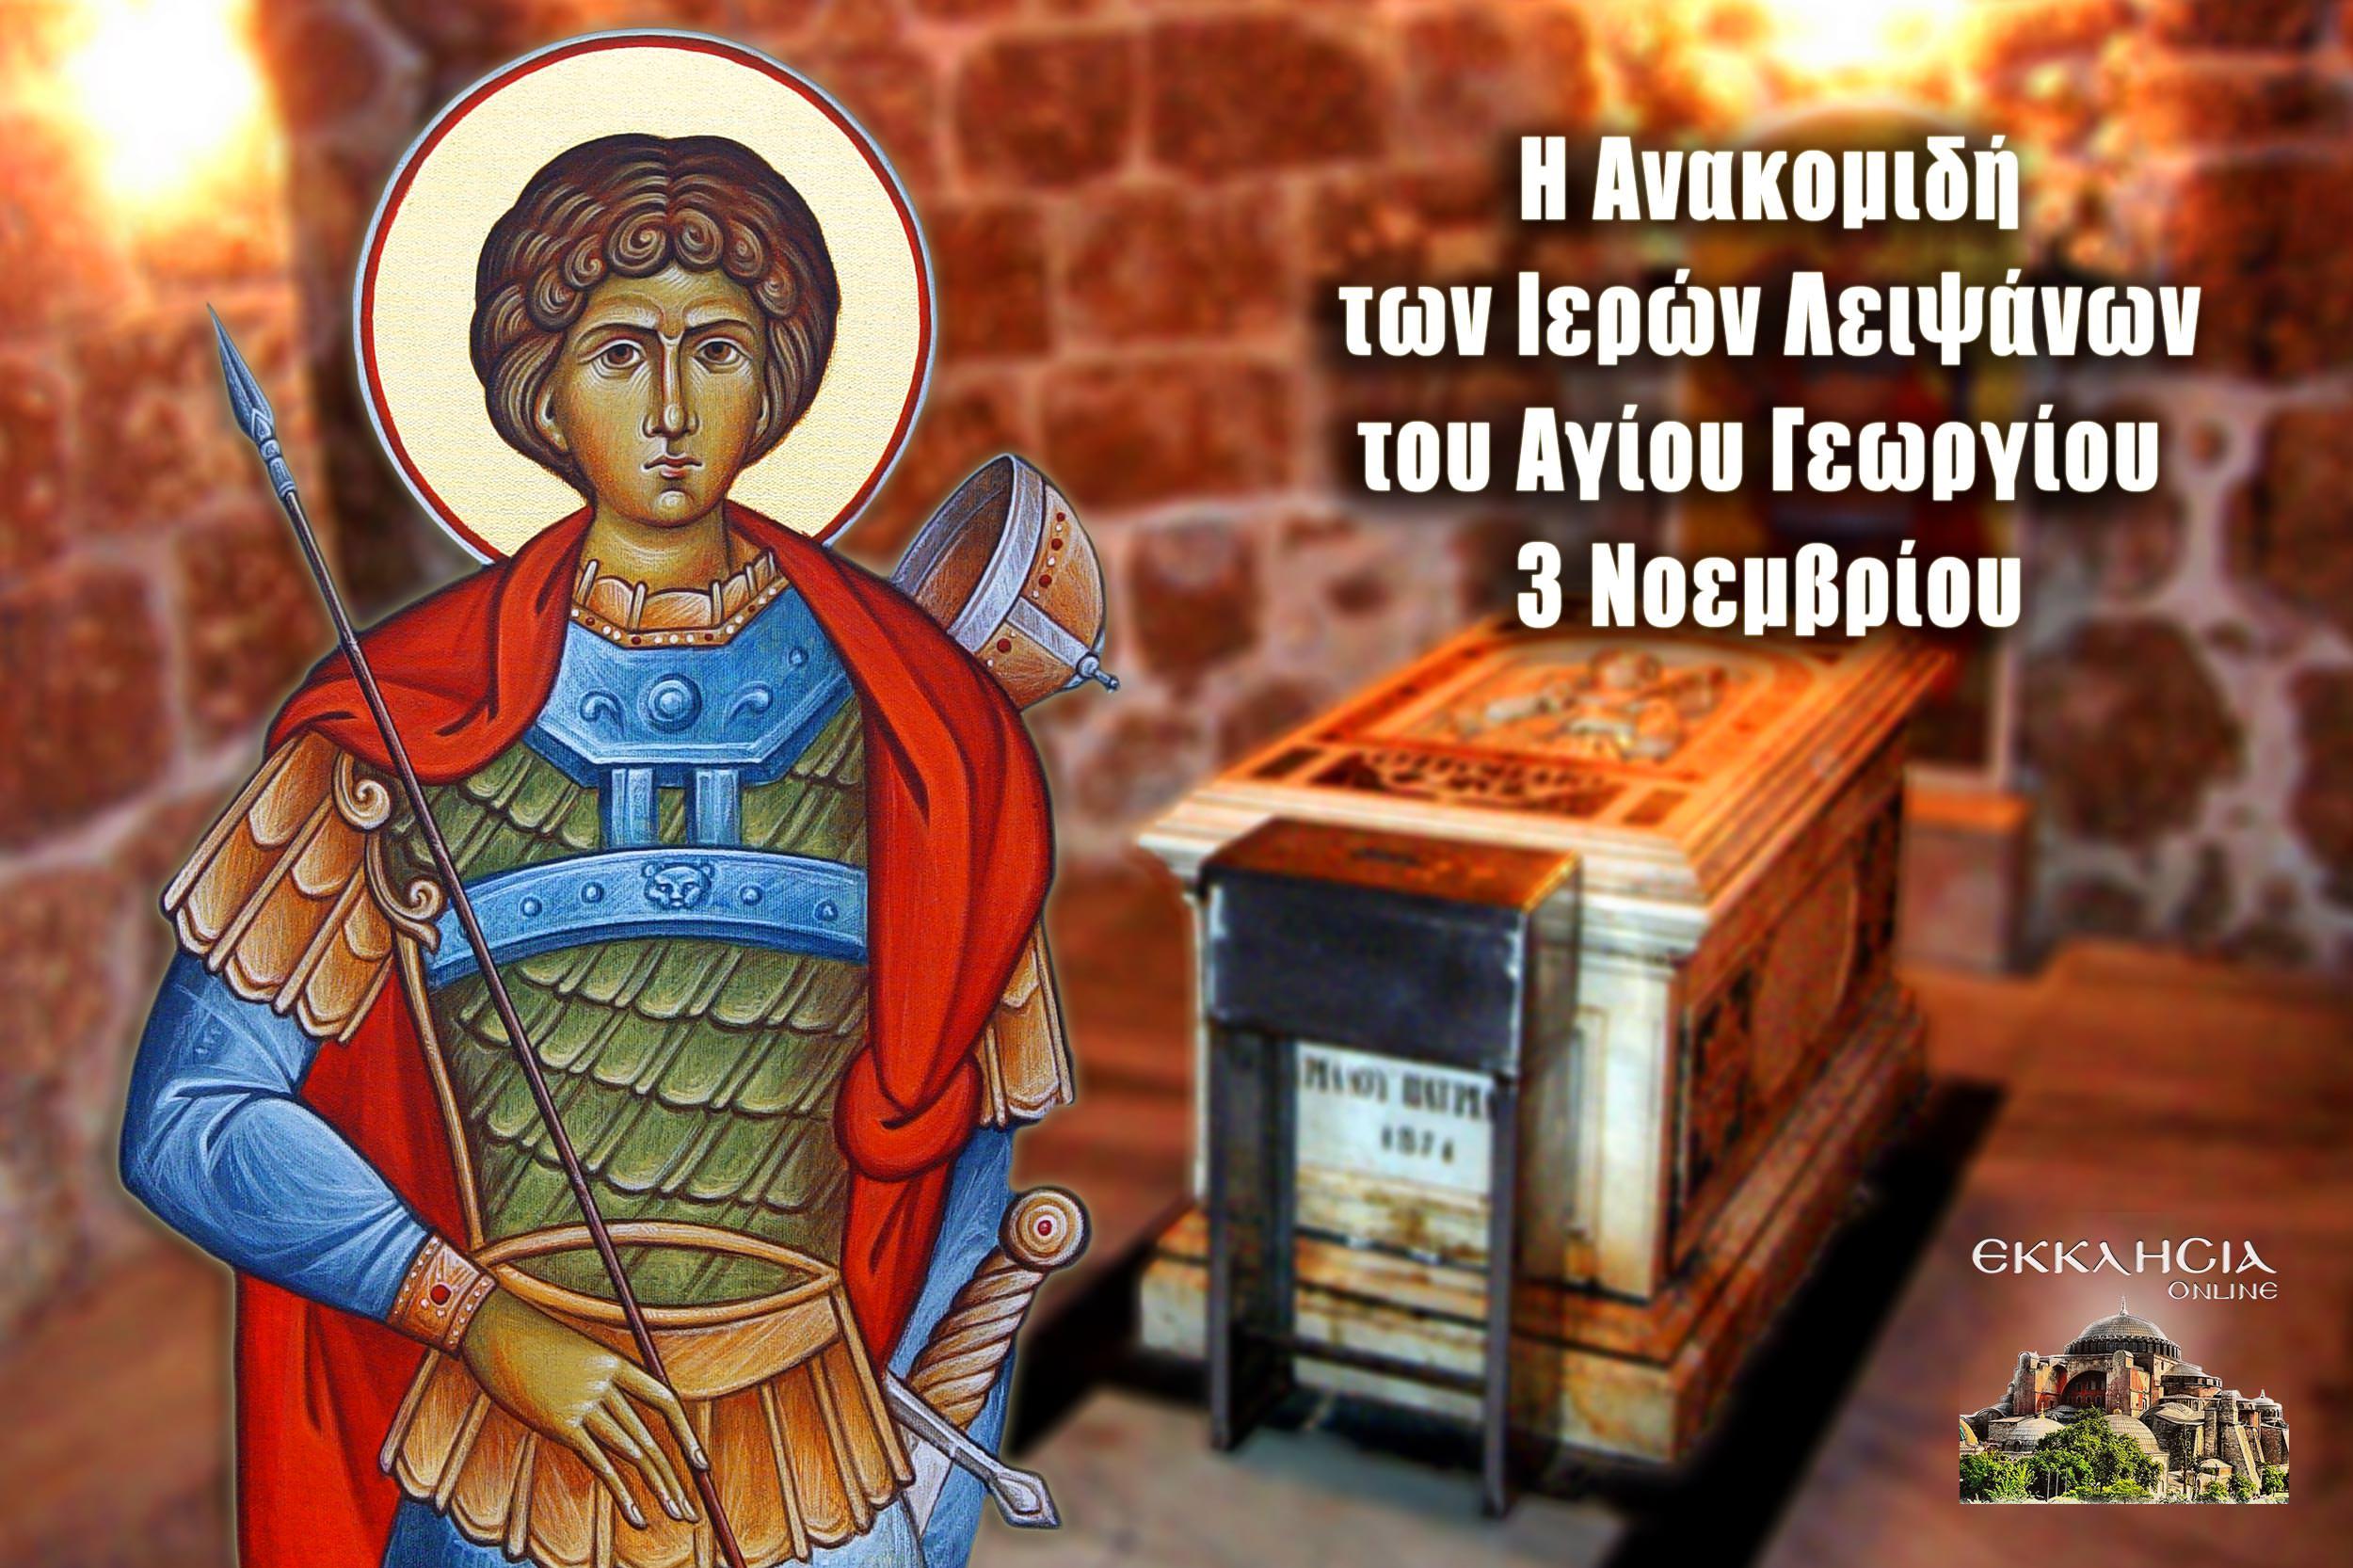 Ανακομιδή Ιερών Λειψάνων Αγίου Γεωργίου 3 Νοεμβρίου